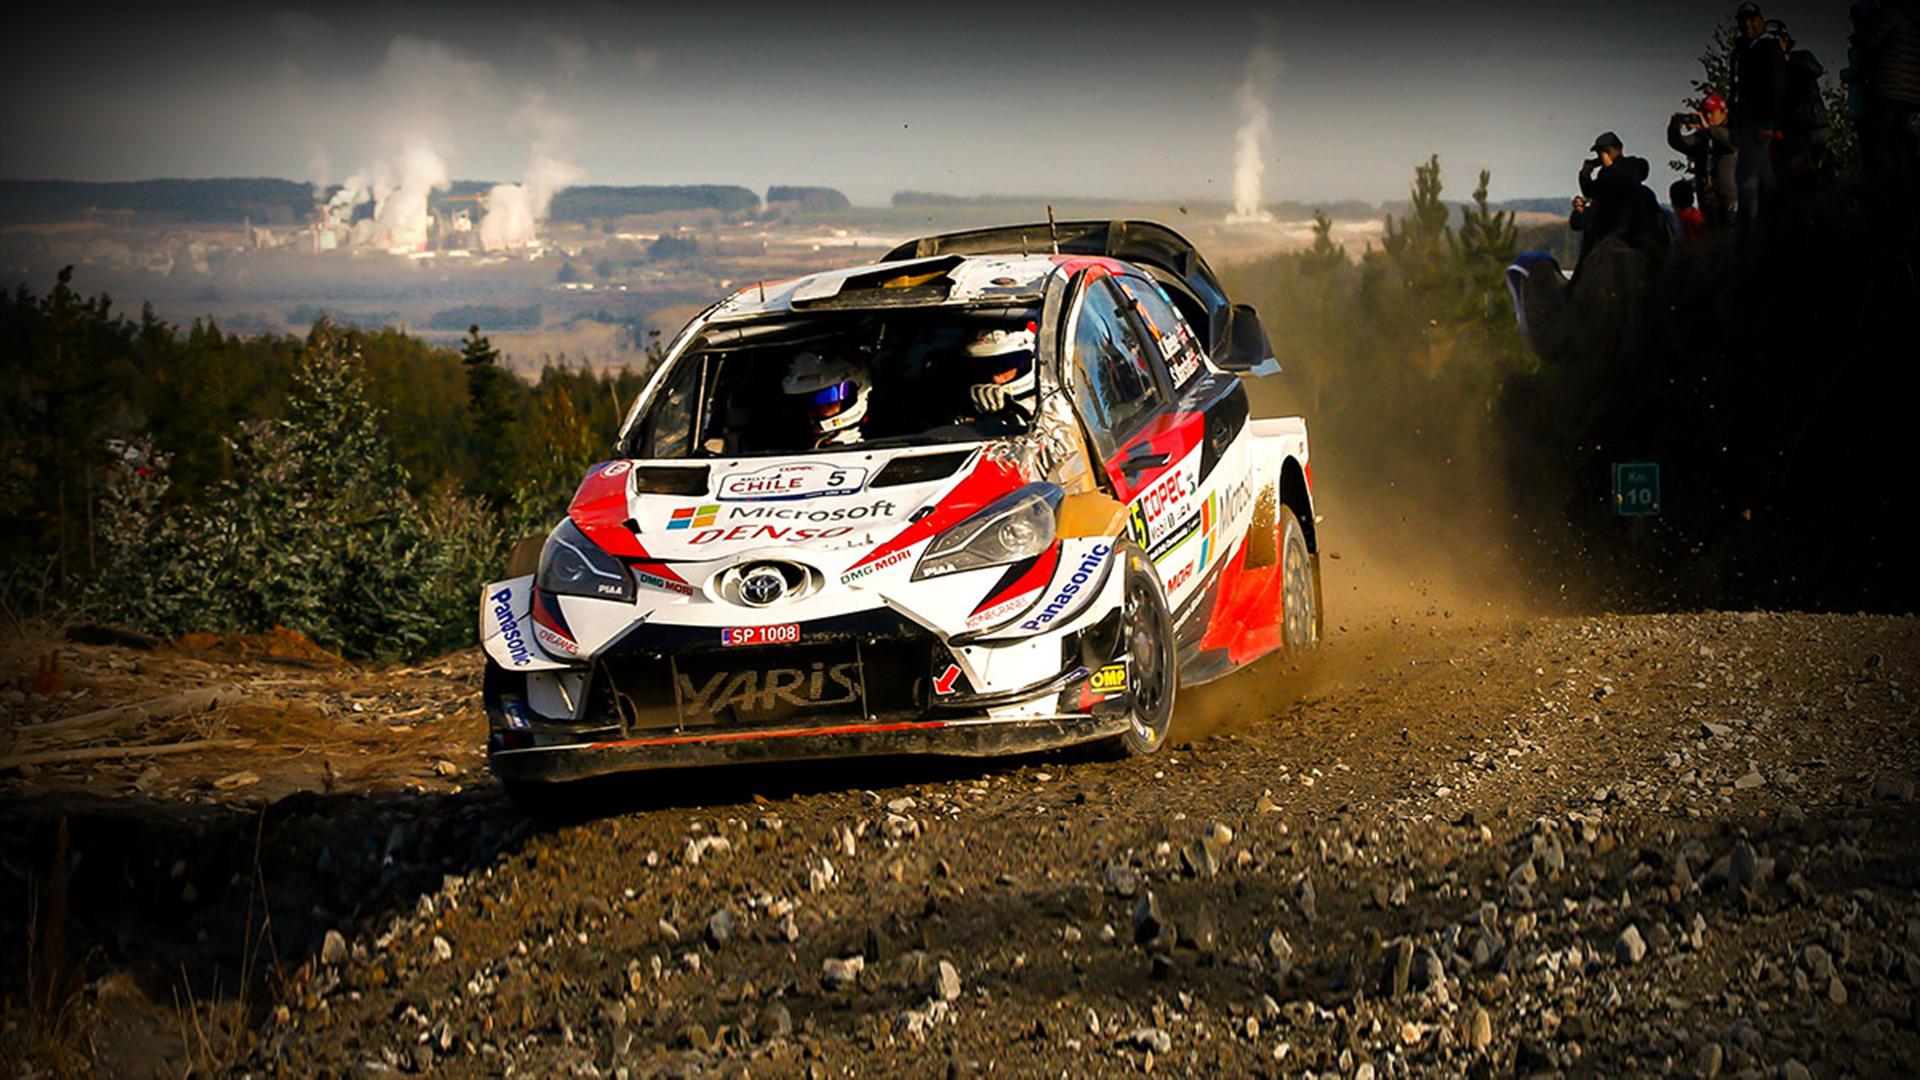 中国越野拉力赛官网_丰田中国 — 世界拉力锦标赛(WRC)